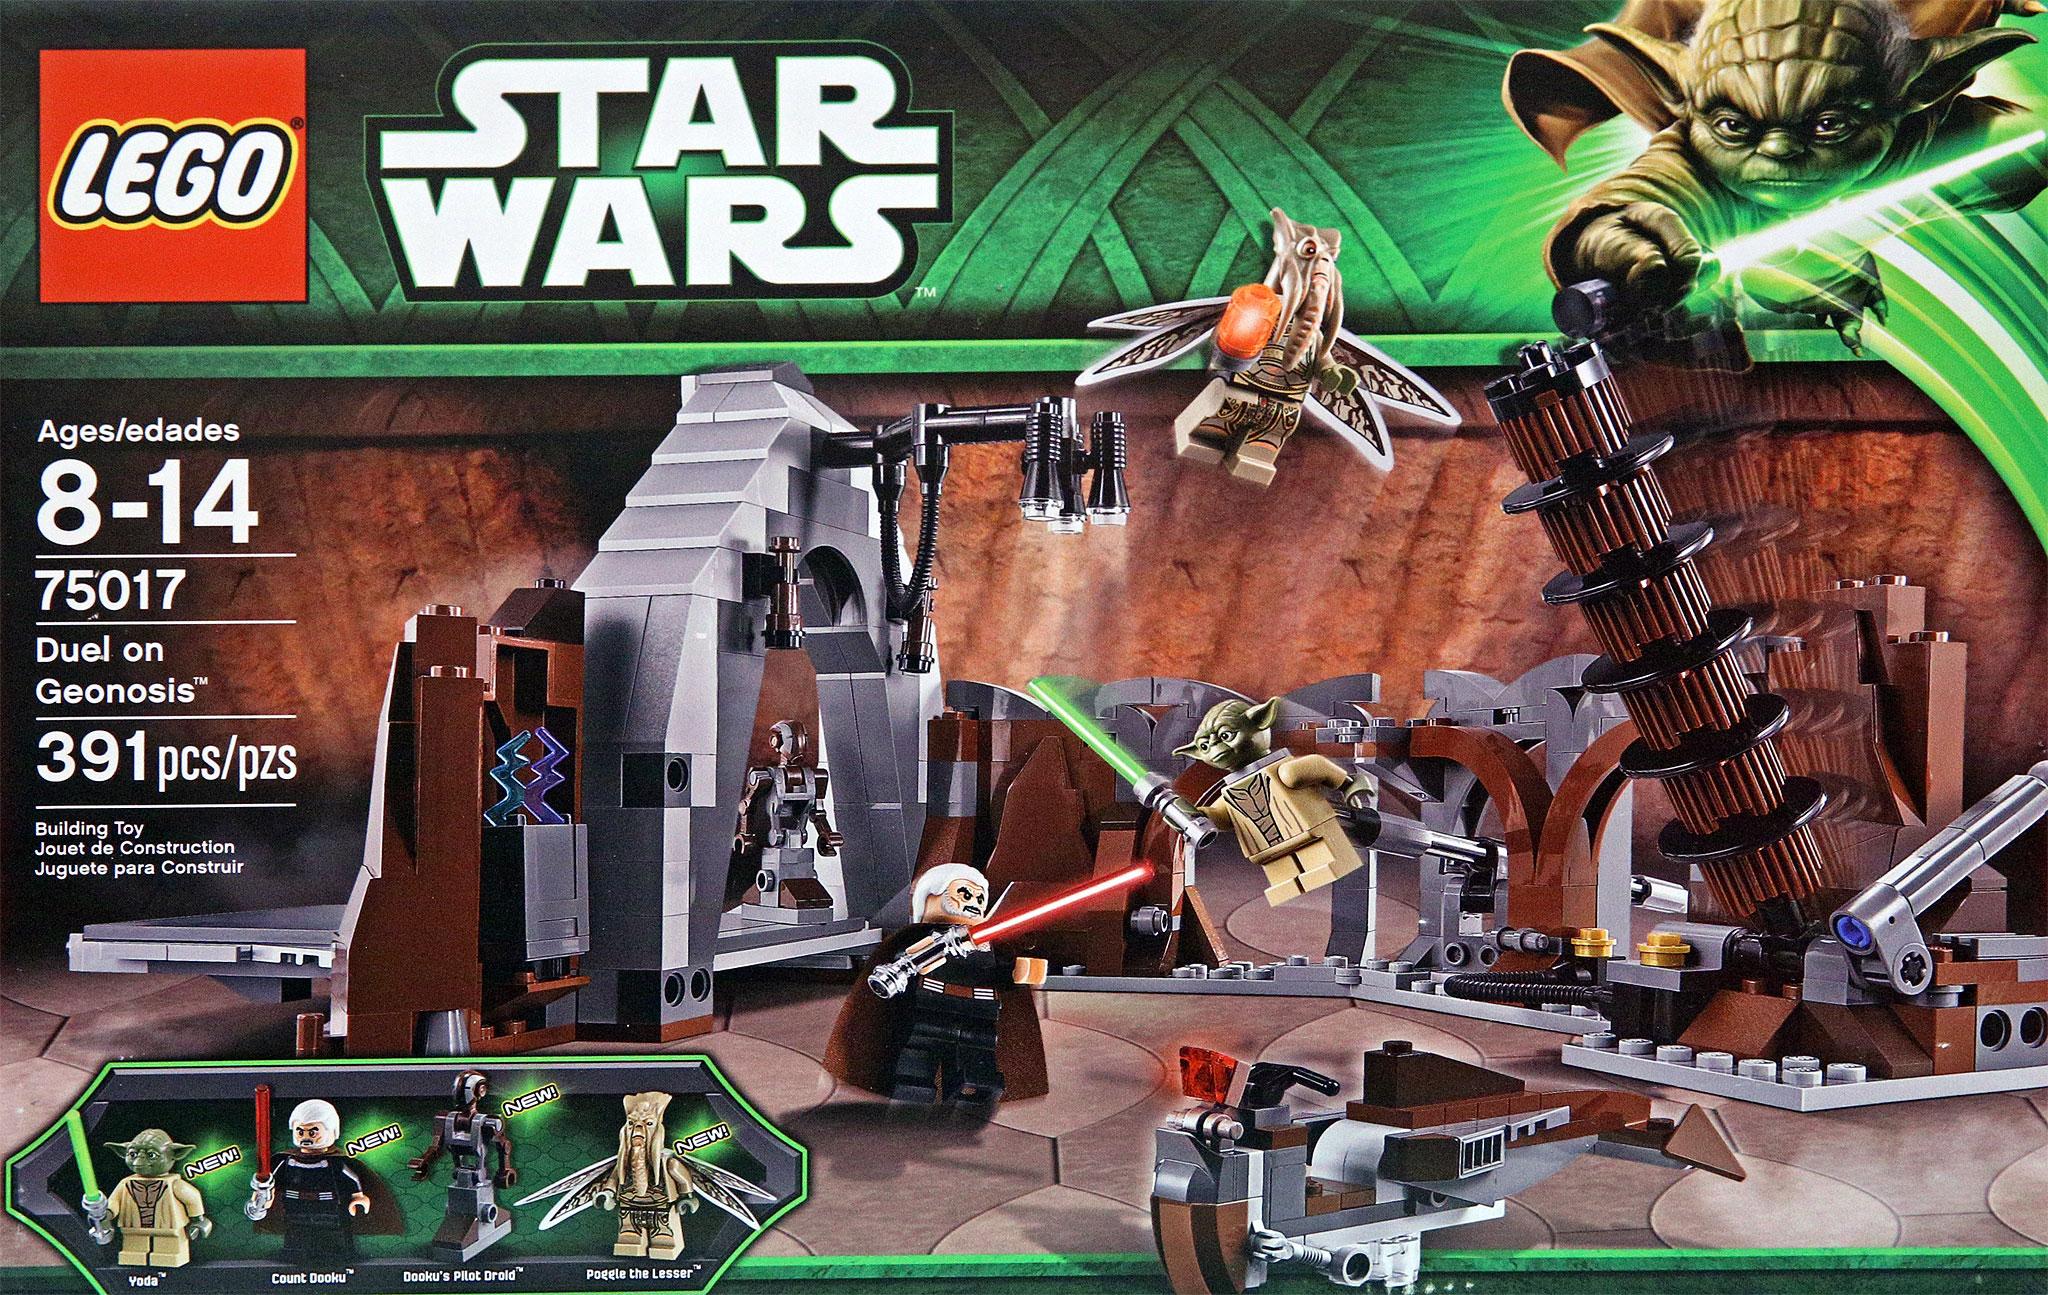 Lego Star Wars 2013 Summer Sets Set List Images